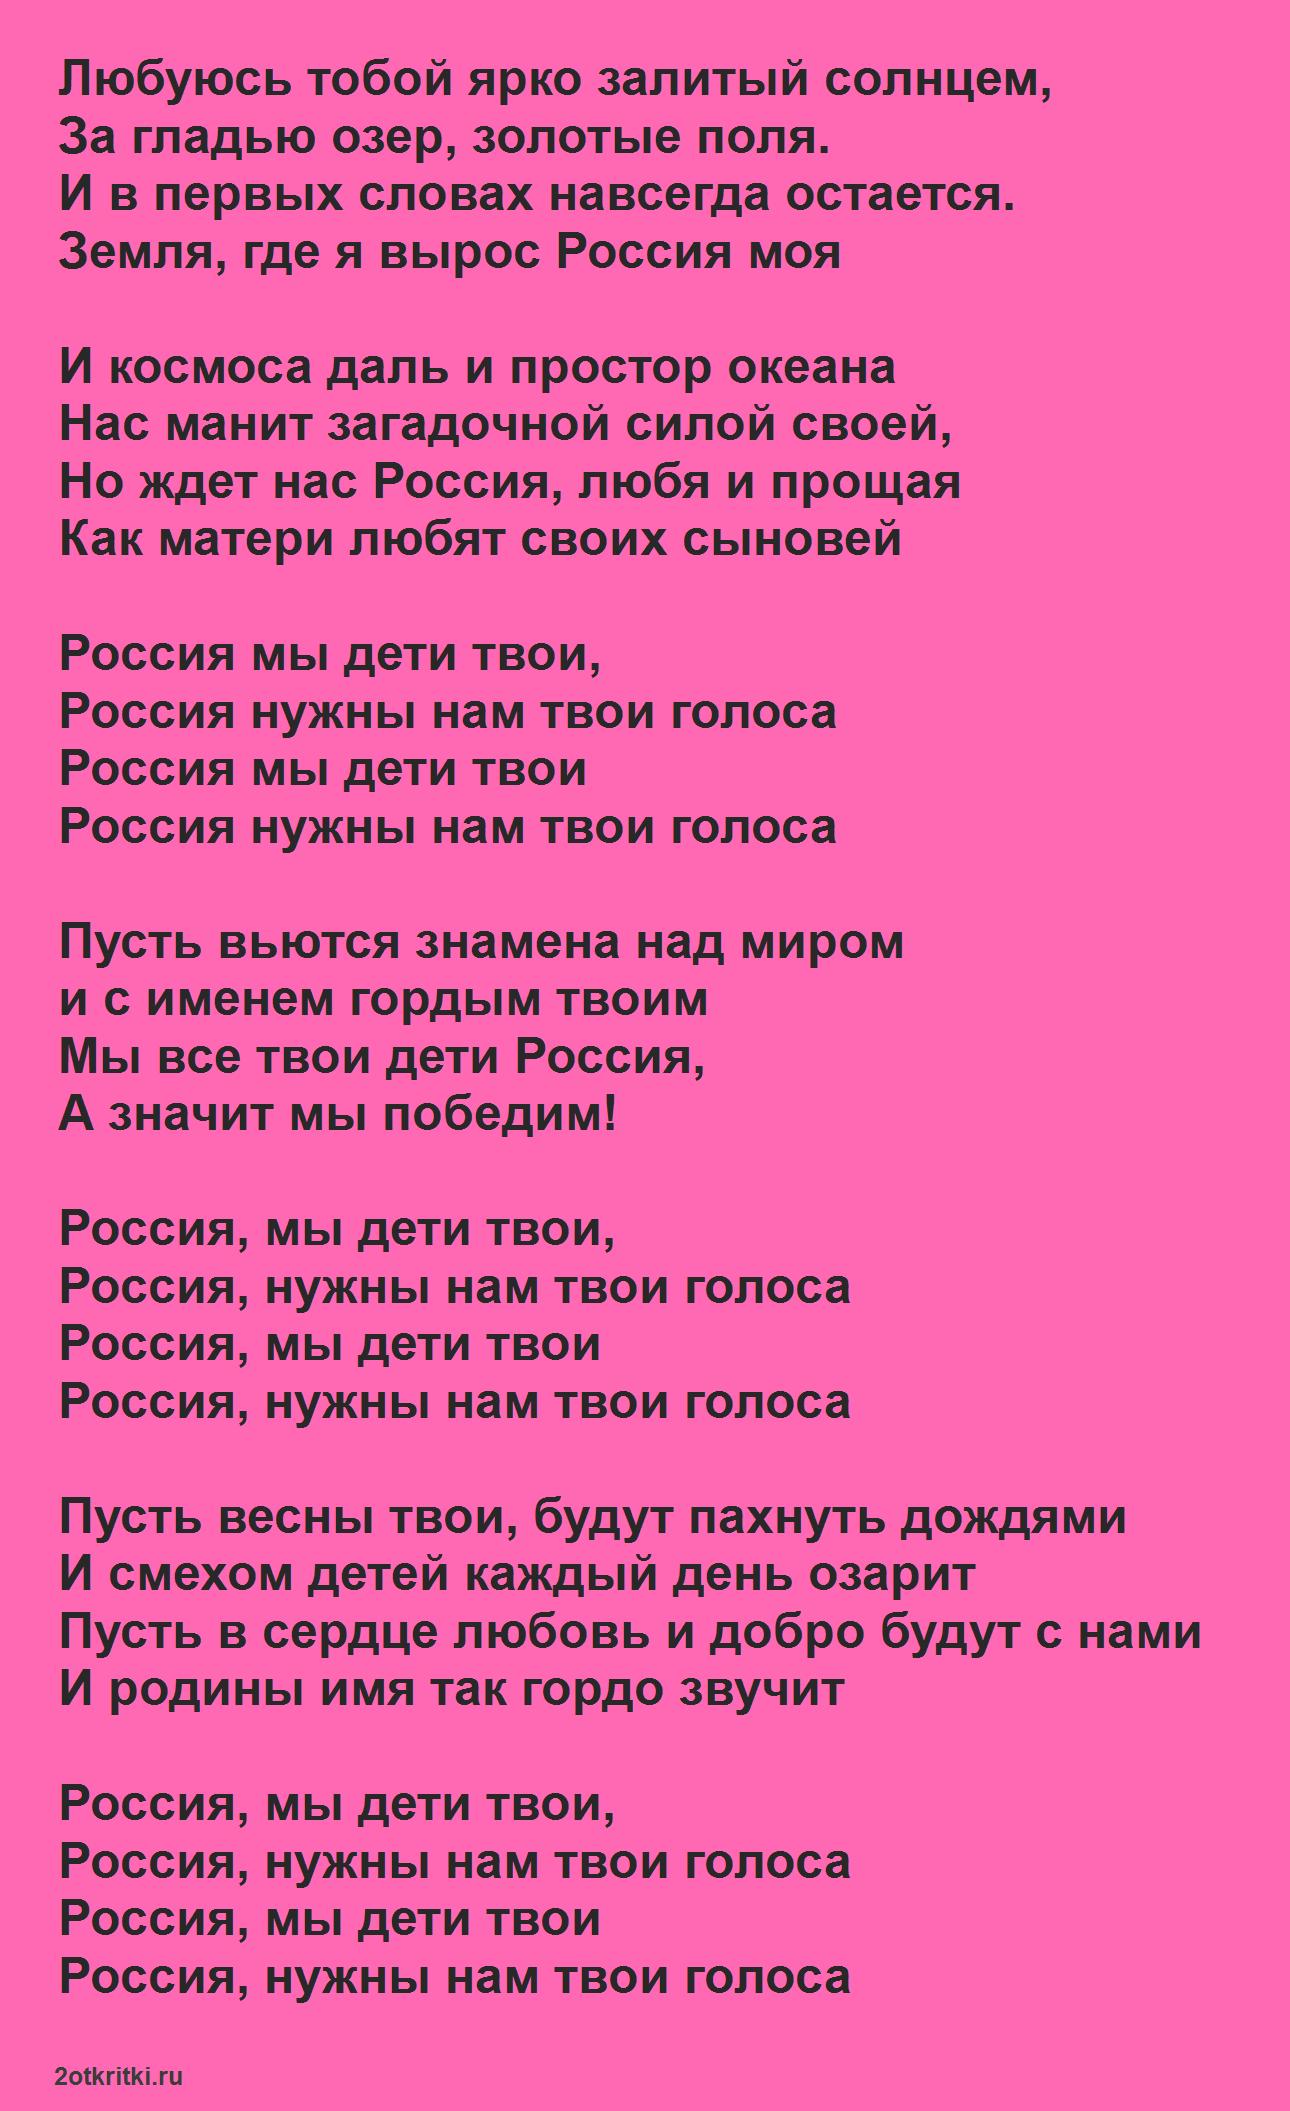 Песни на день России - Мы дети твои Россия